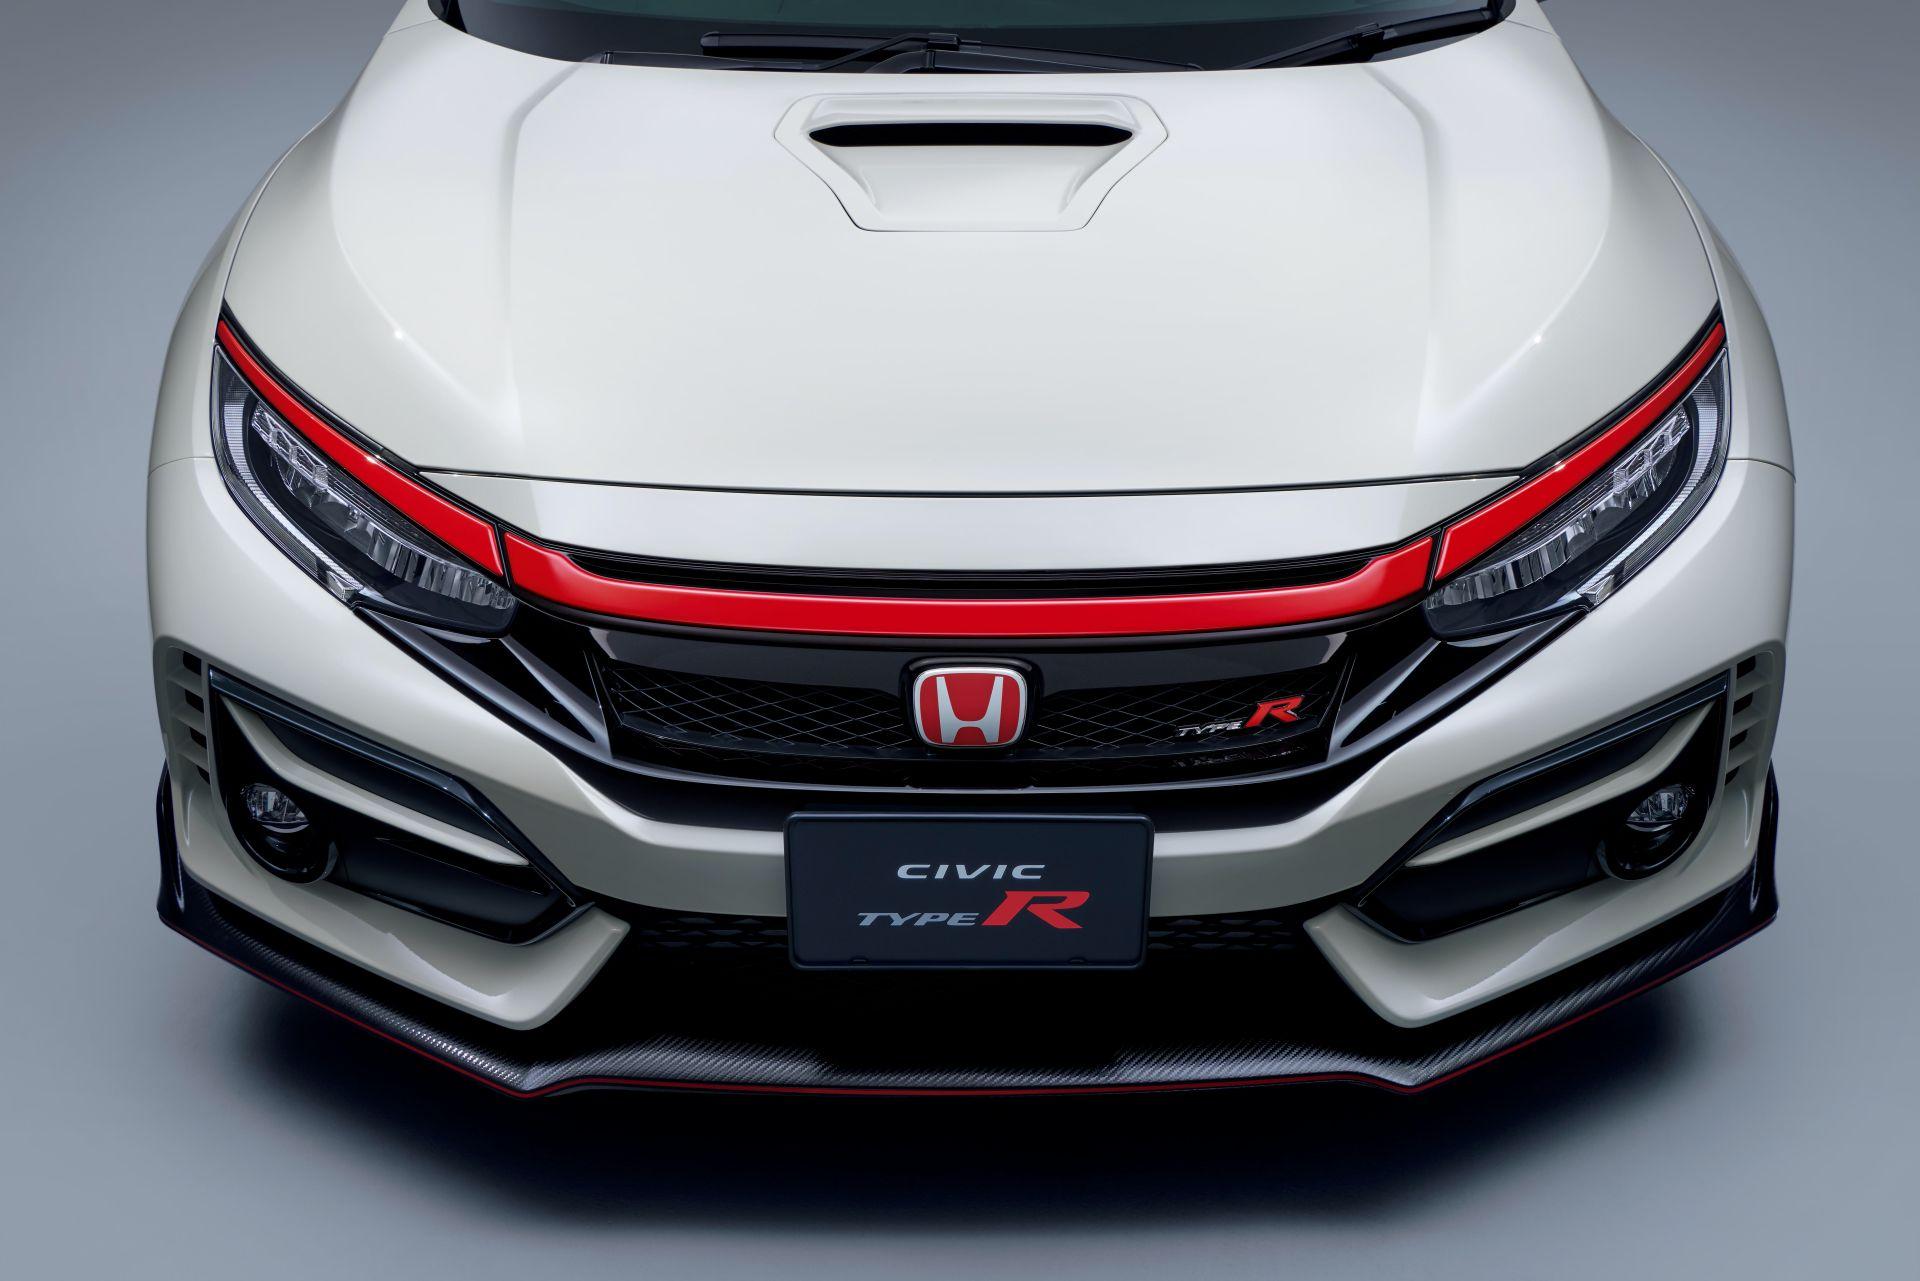 2021_Honda_Civic_Type_R_Modulo_0009